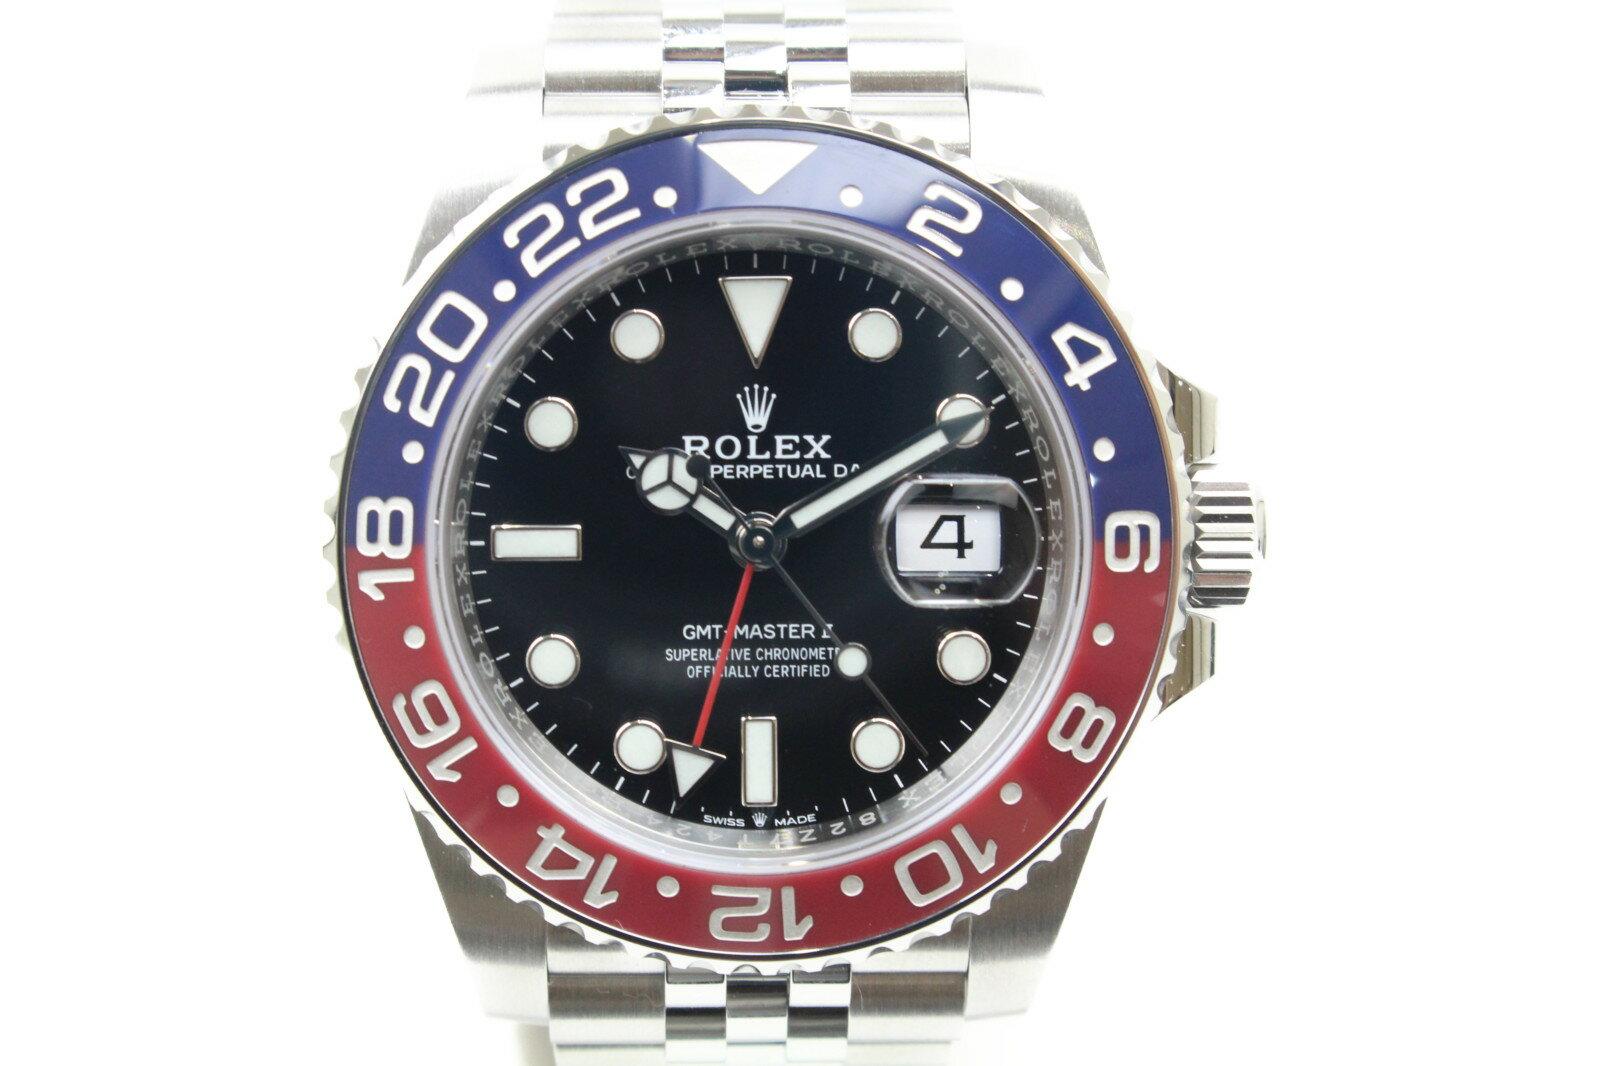 【2018年ギャラ】ROLEX ロレックス GMTマスターII 126710BLRO 自動巻き SS ステンレススチール ジュビリーブレス 赤青 ペプシベゼル メンズ 腕時計【中古】